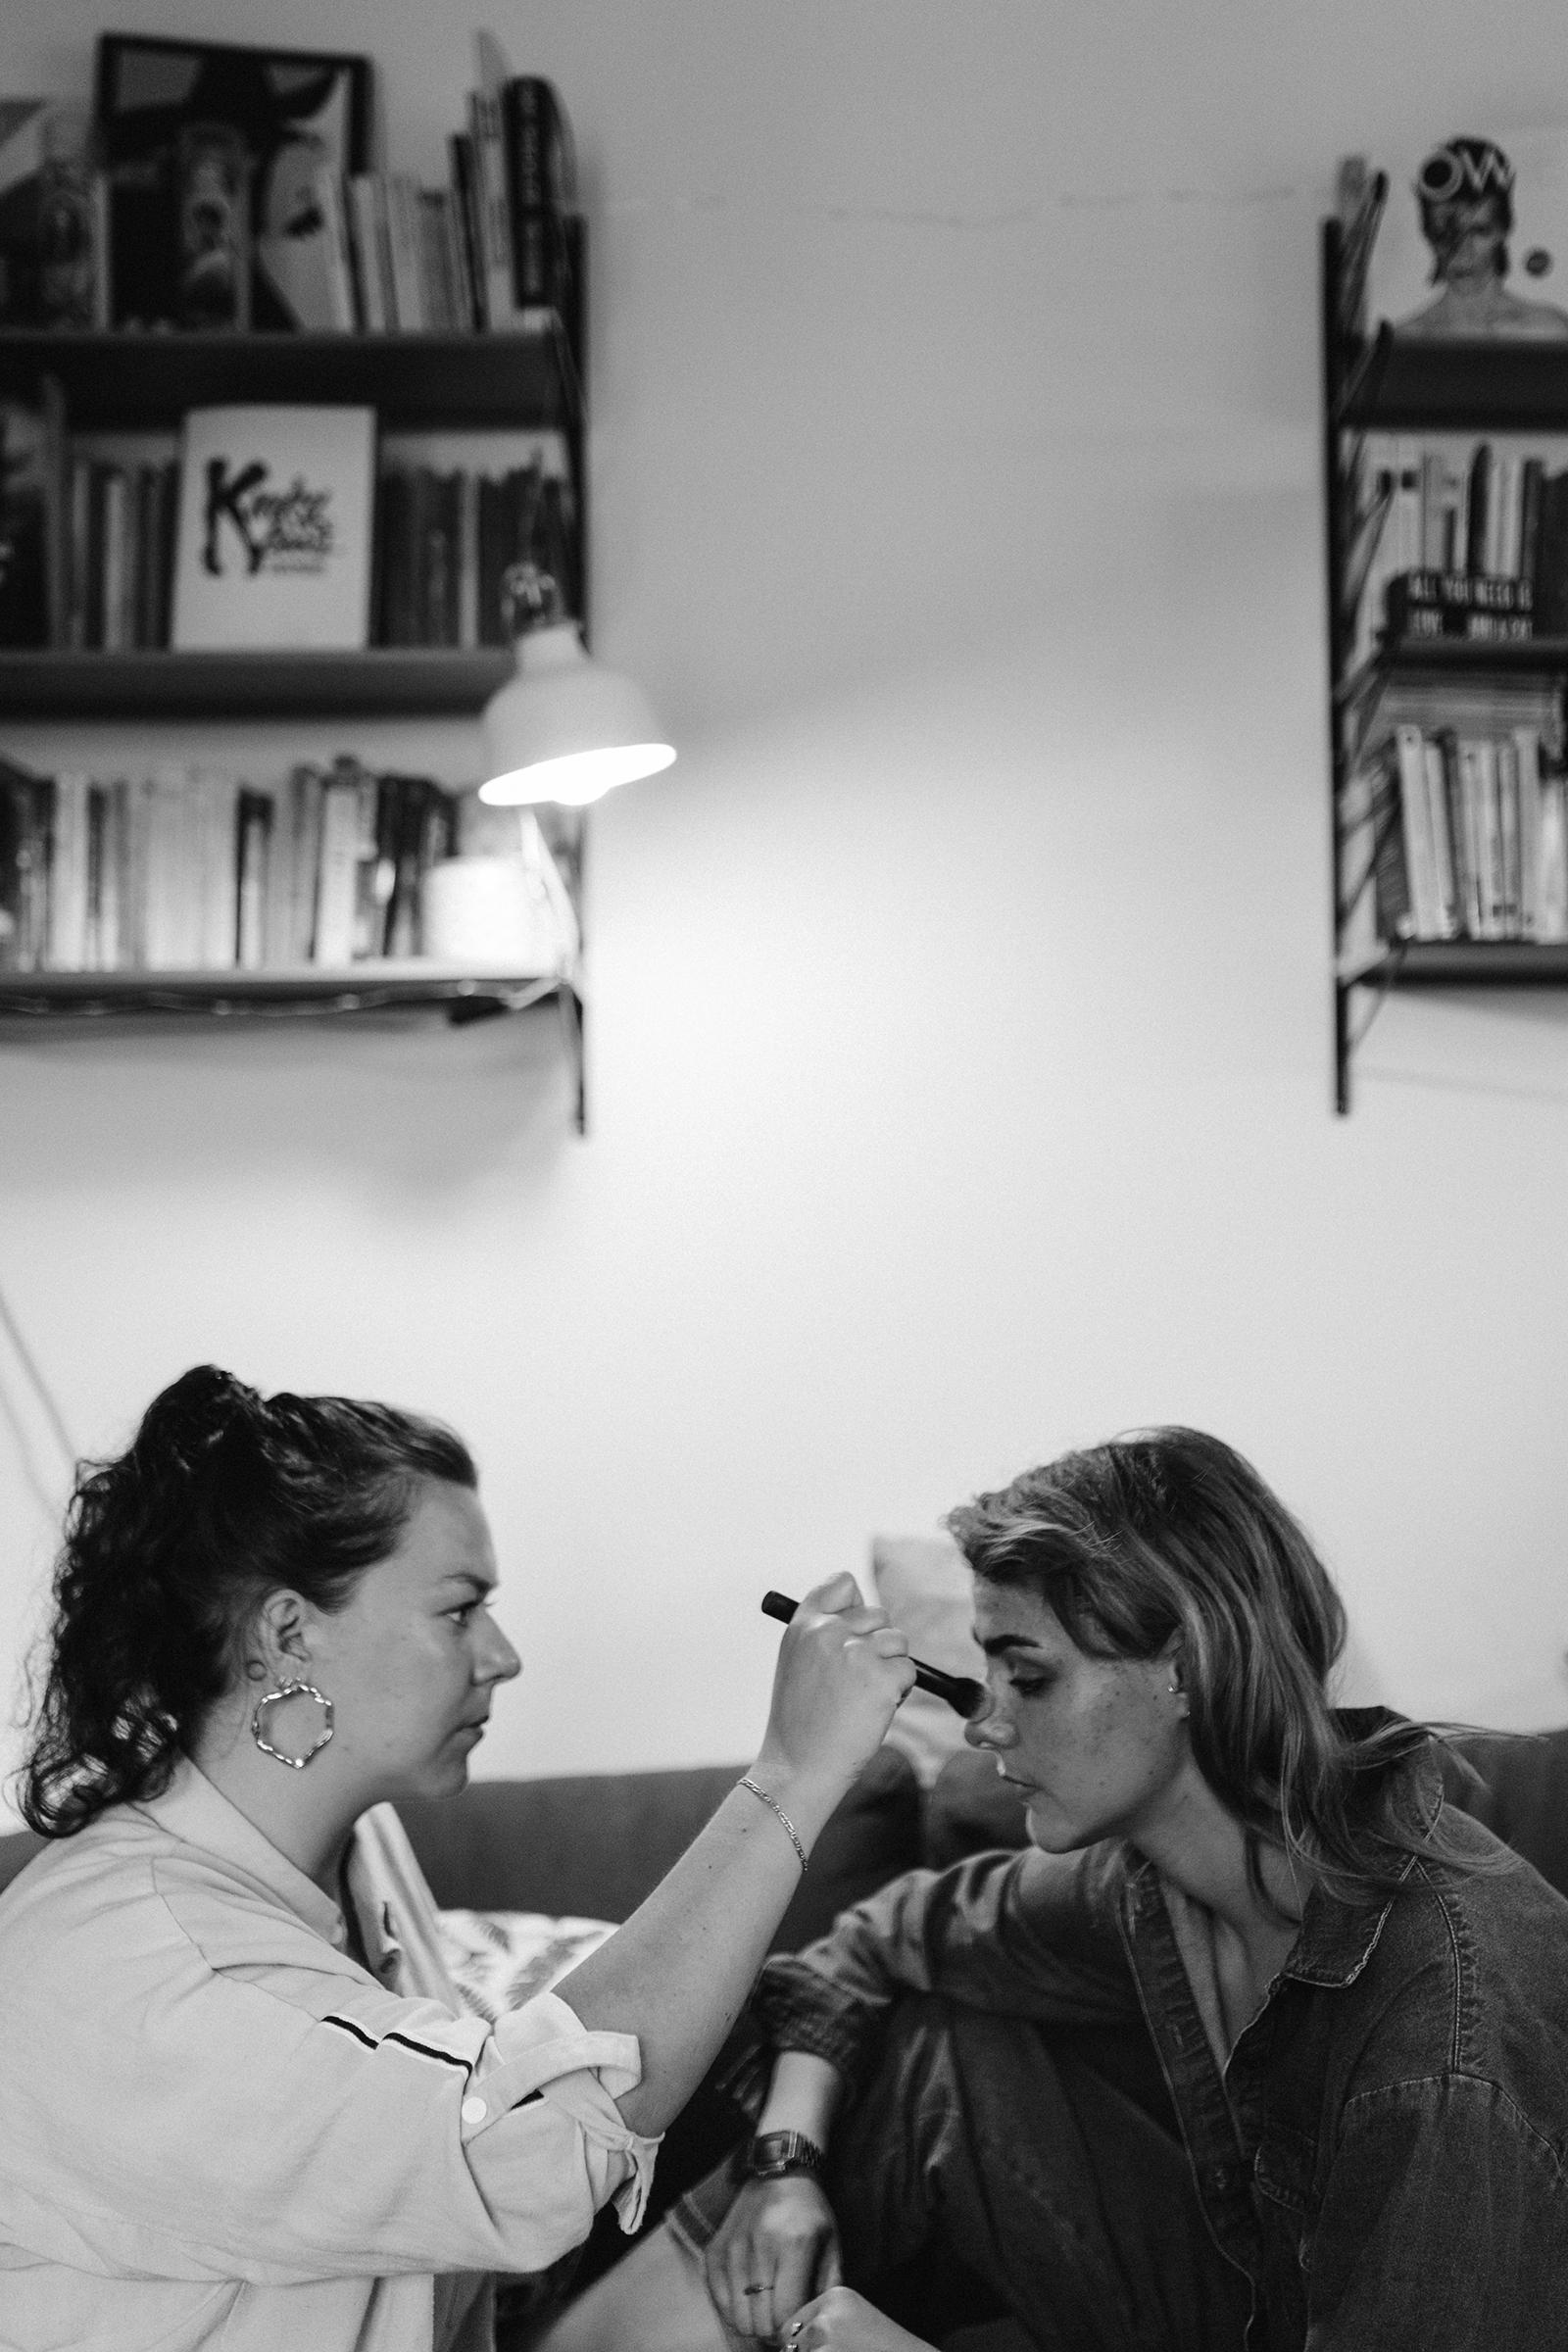 editorial_marion-seclin_anne-charlotte-moreau_02